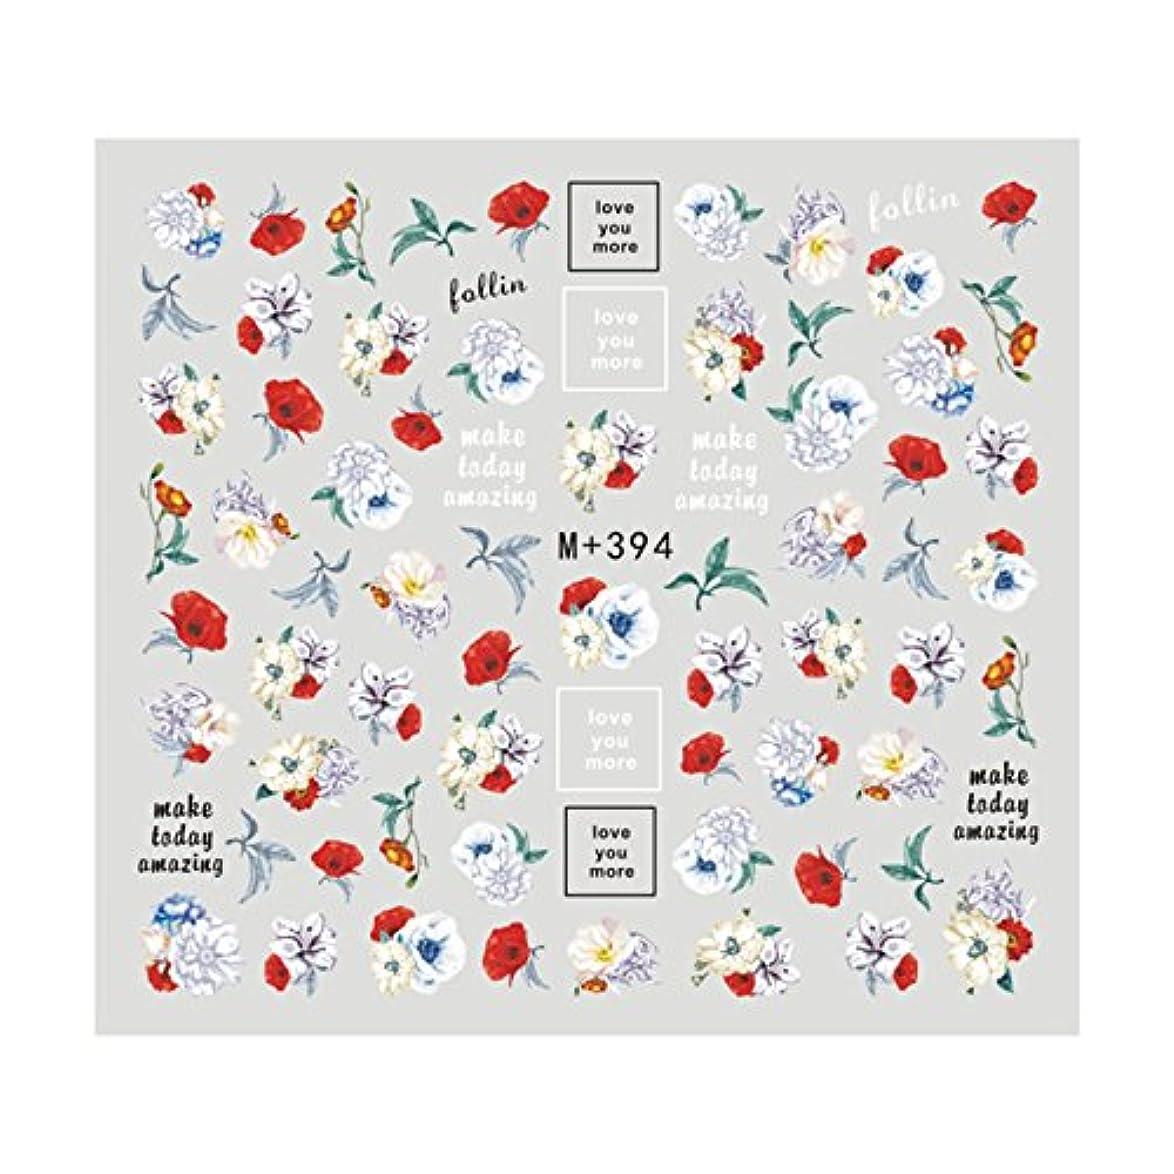 鉛筆レールシンプトングラフィカルフラワーネイルシール【M+394】フラワー 花柄 薔薇 フォント ジェルネイル ネイルシール